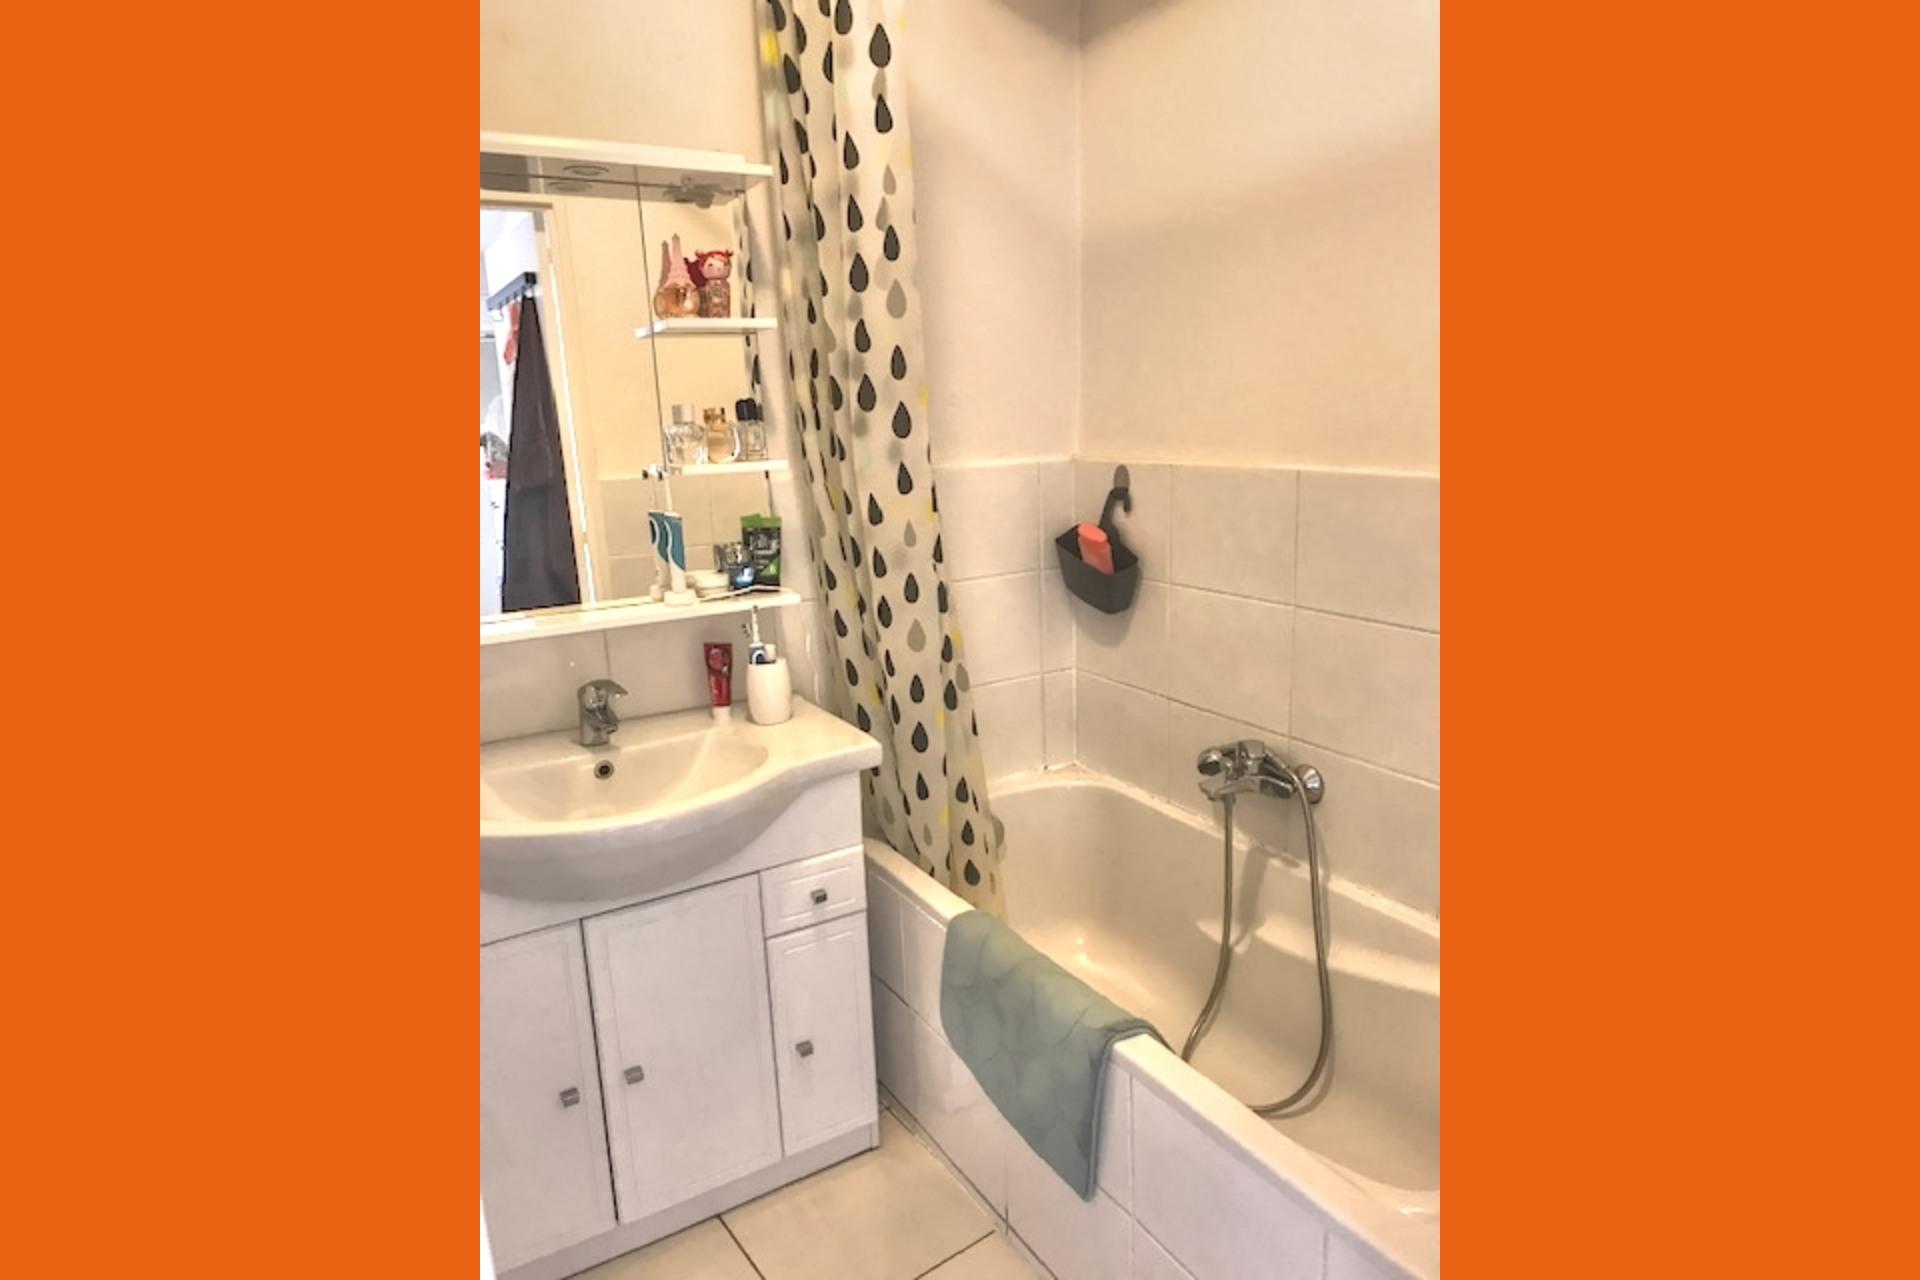 image 6 - Appartement À louer Montigny-lès-Metz - 4 pièces